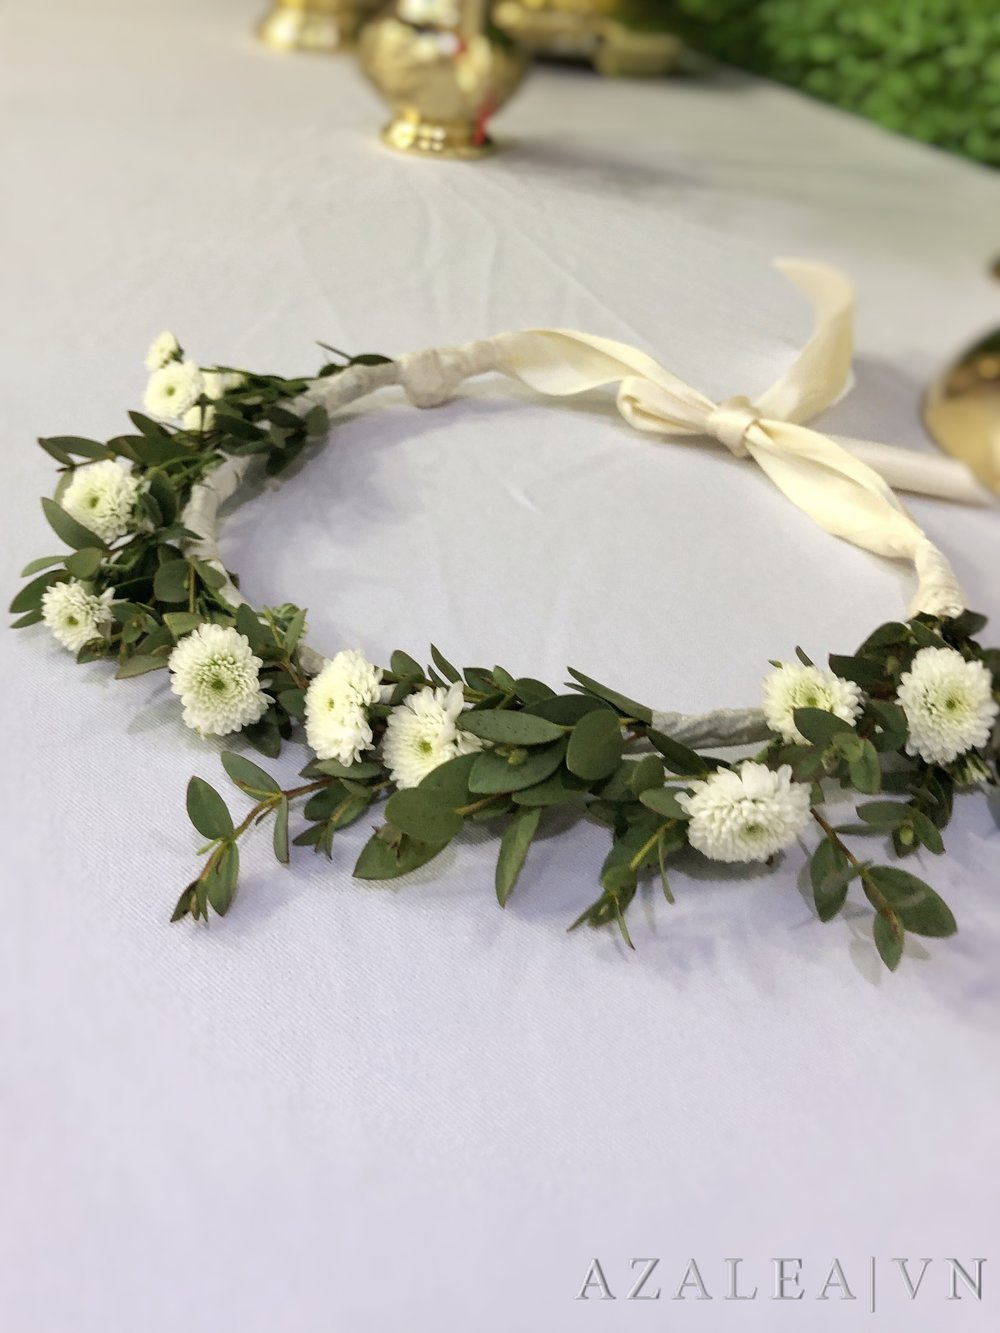 Trang trí tiệc cưới Vòng hoa tóc